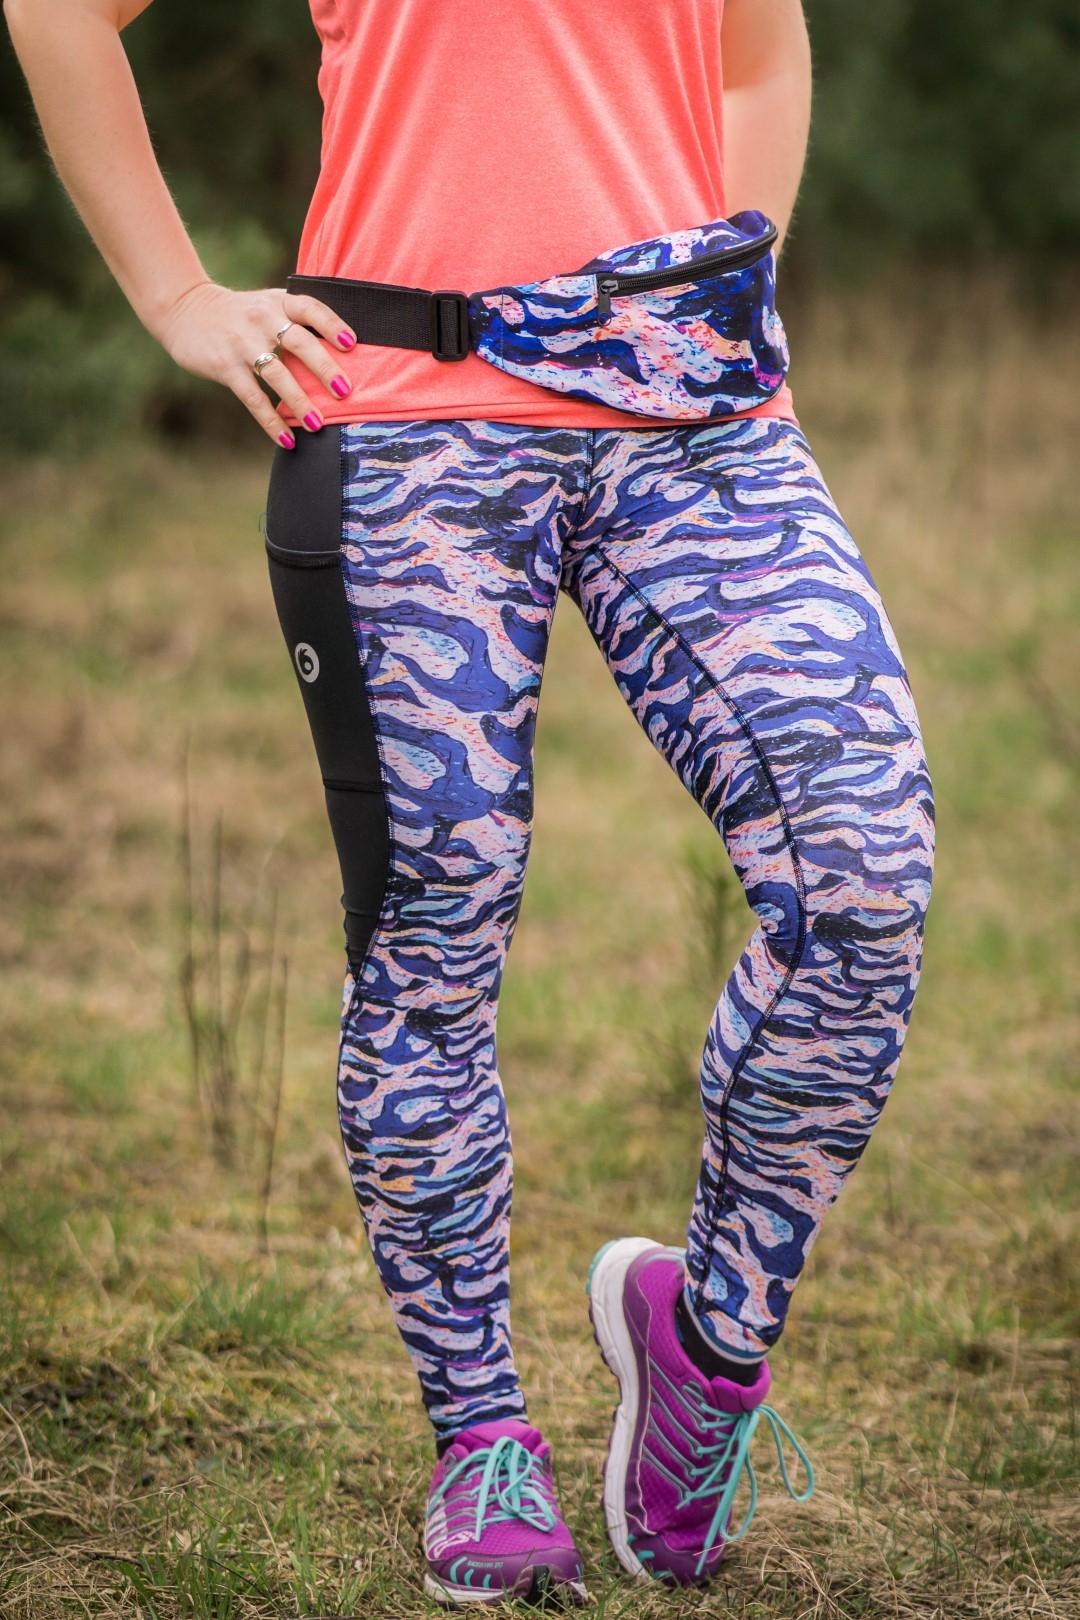 kolorowe legginsy dla kobiet do biegania marina